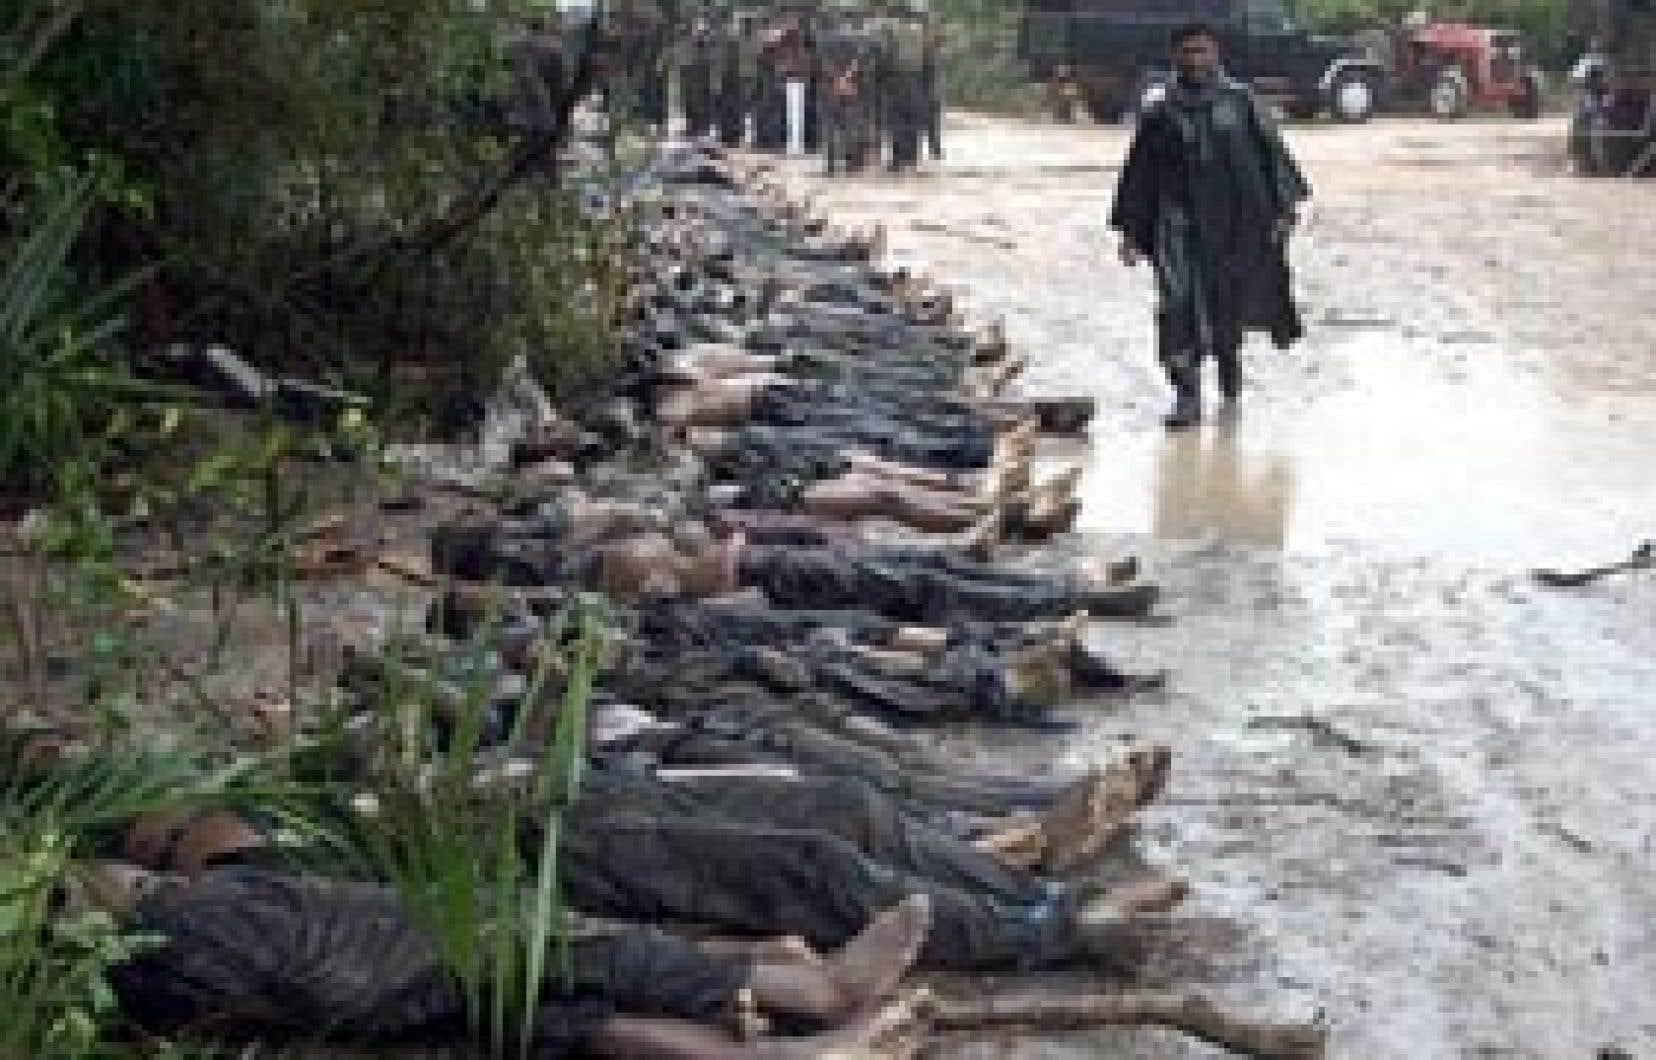 Une opération militaire menée en février avait coûté la vie à quelque 250 rebelles. Depuis vendredi, 420 combattants auraient perdu la vie, selon la présidence sri-lankaise.